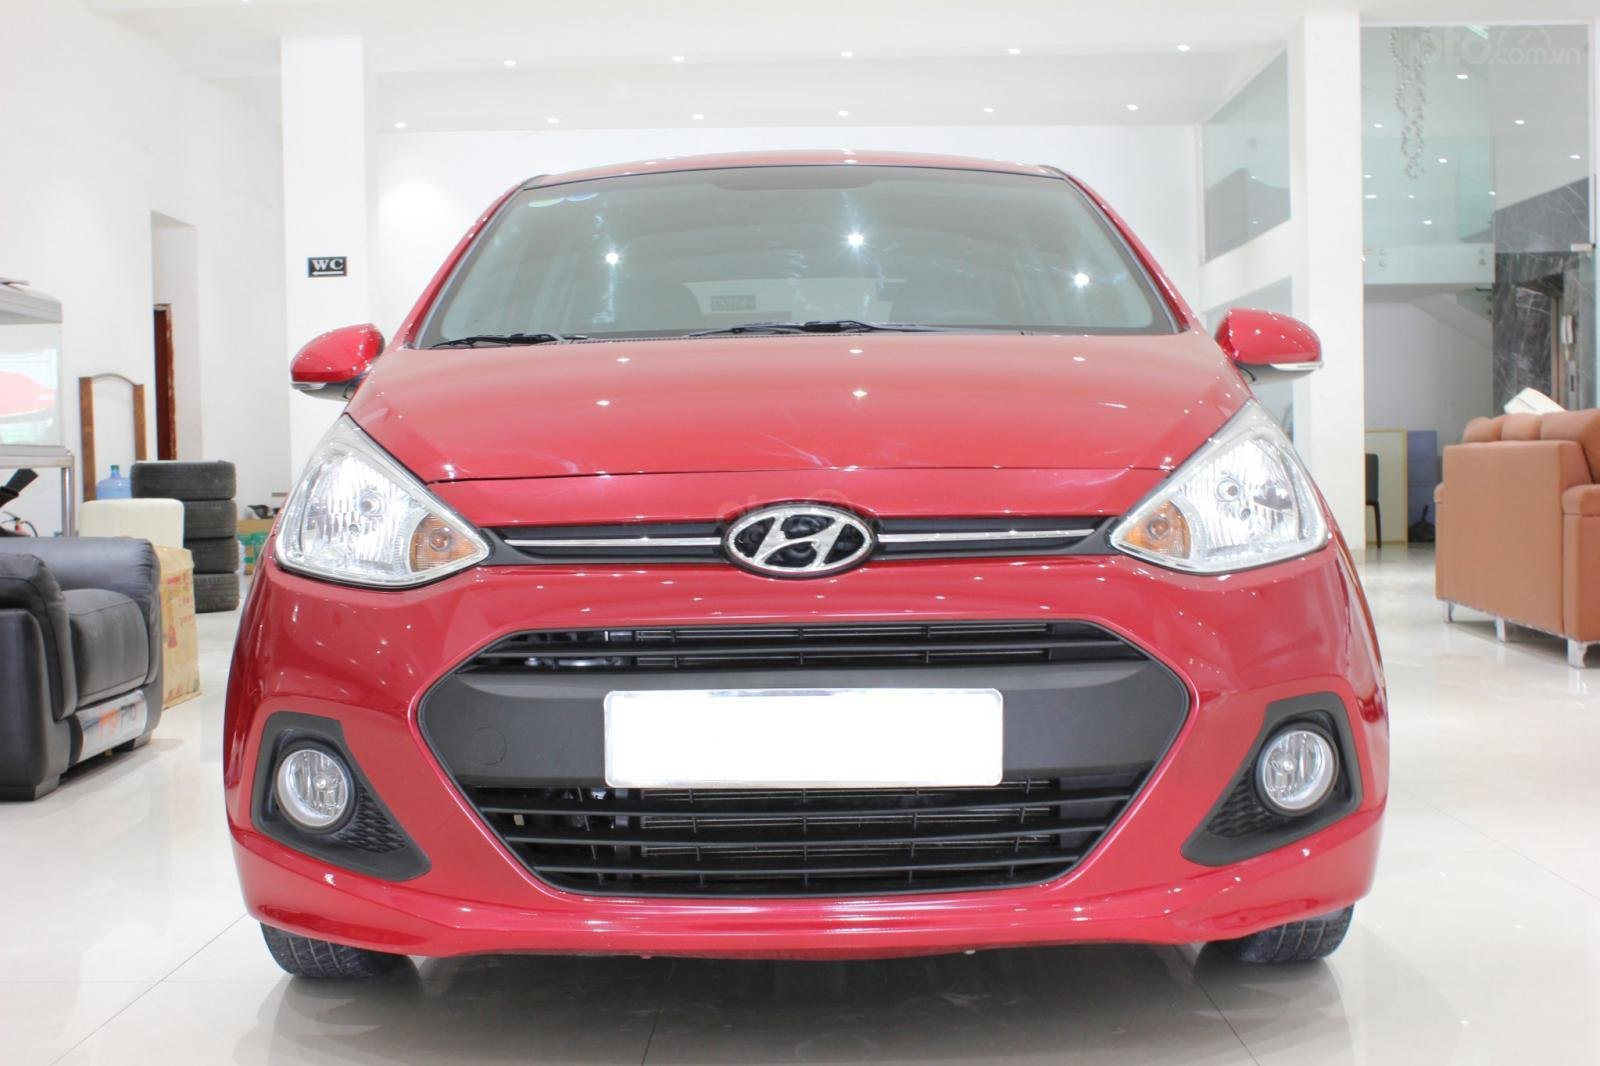 Hot hot hốt ngay Hyundai Grand i10 với giá cực hót và quà tặng hấp dẫn-5